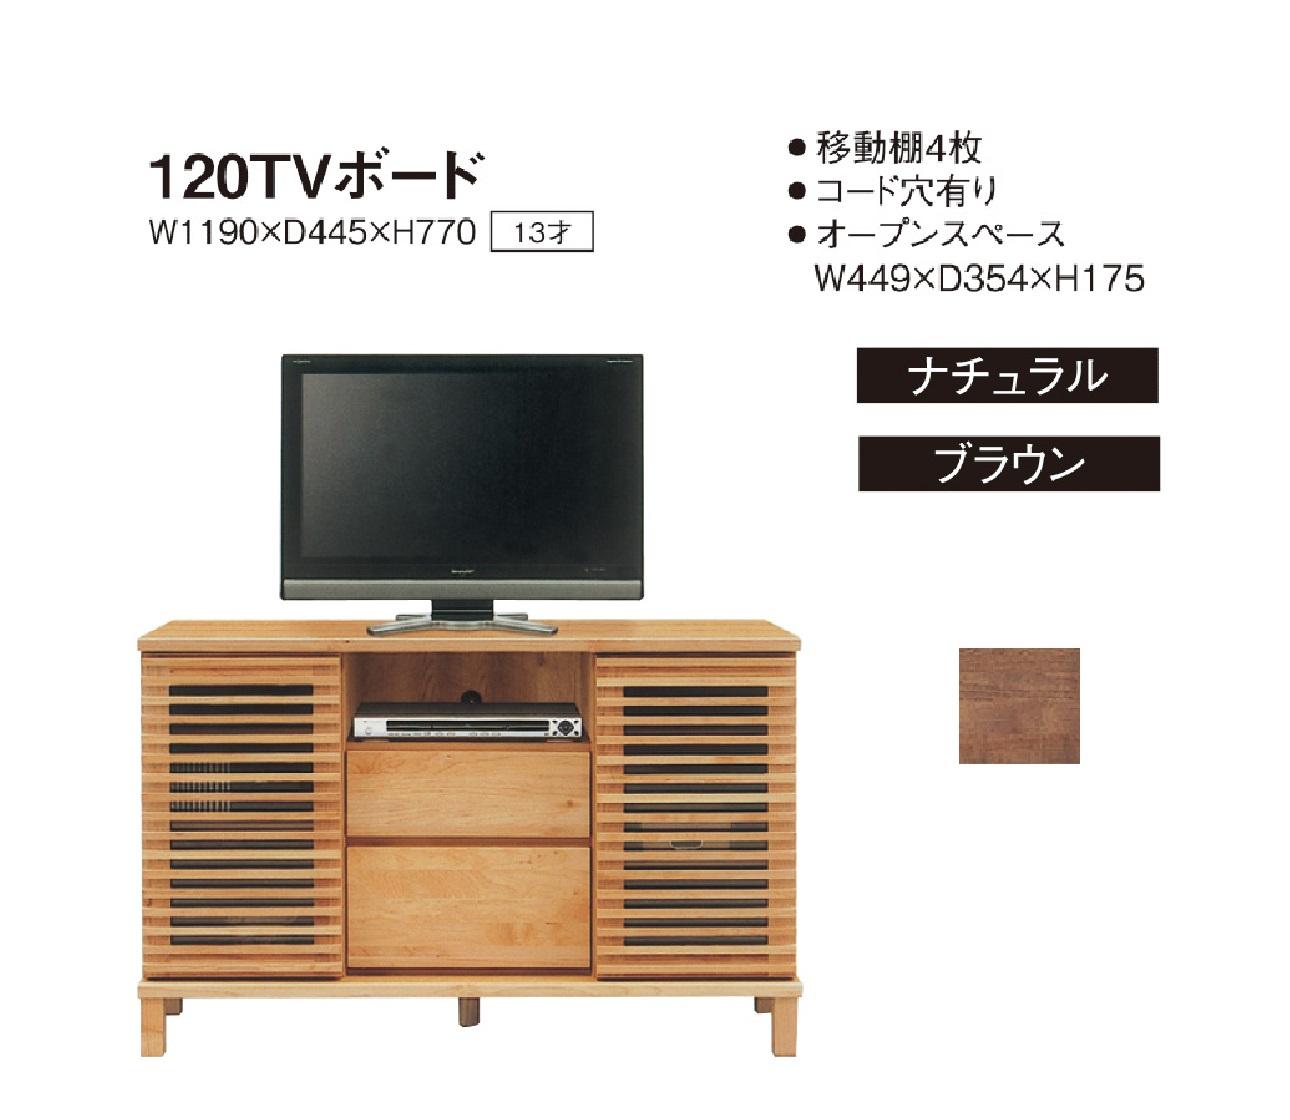 収納もできる便利なテレビボード 大川家具 日本全国 送料無料 120 テレビボード 54型 まで エマール 北欧 リビング サイドボード テレビ コンパクト 大容量 家具 国産家具 おしゃれ 通販 大川 収納 日本製 引き出し [宅送] TV 木目